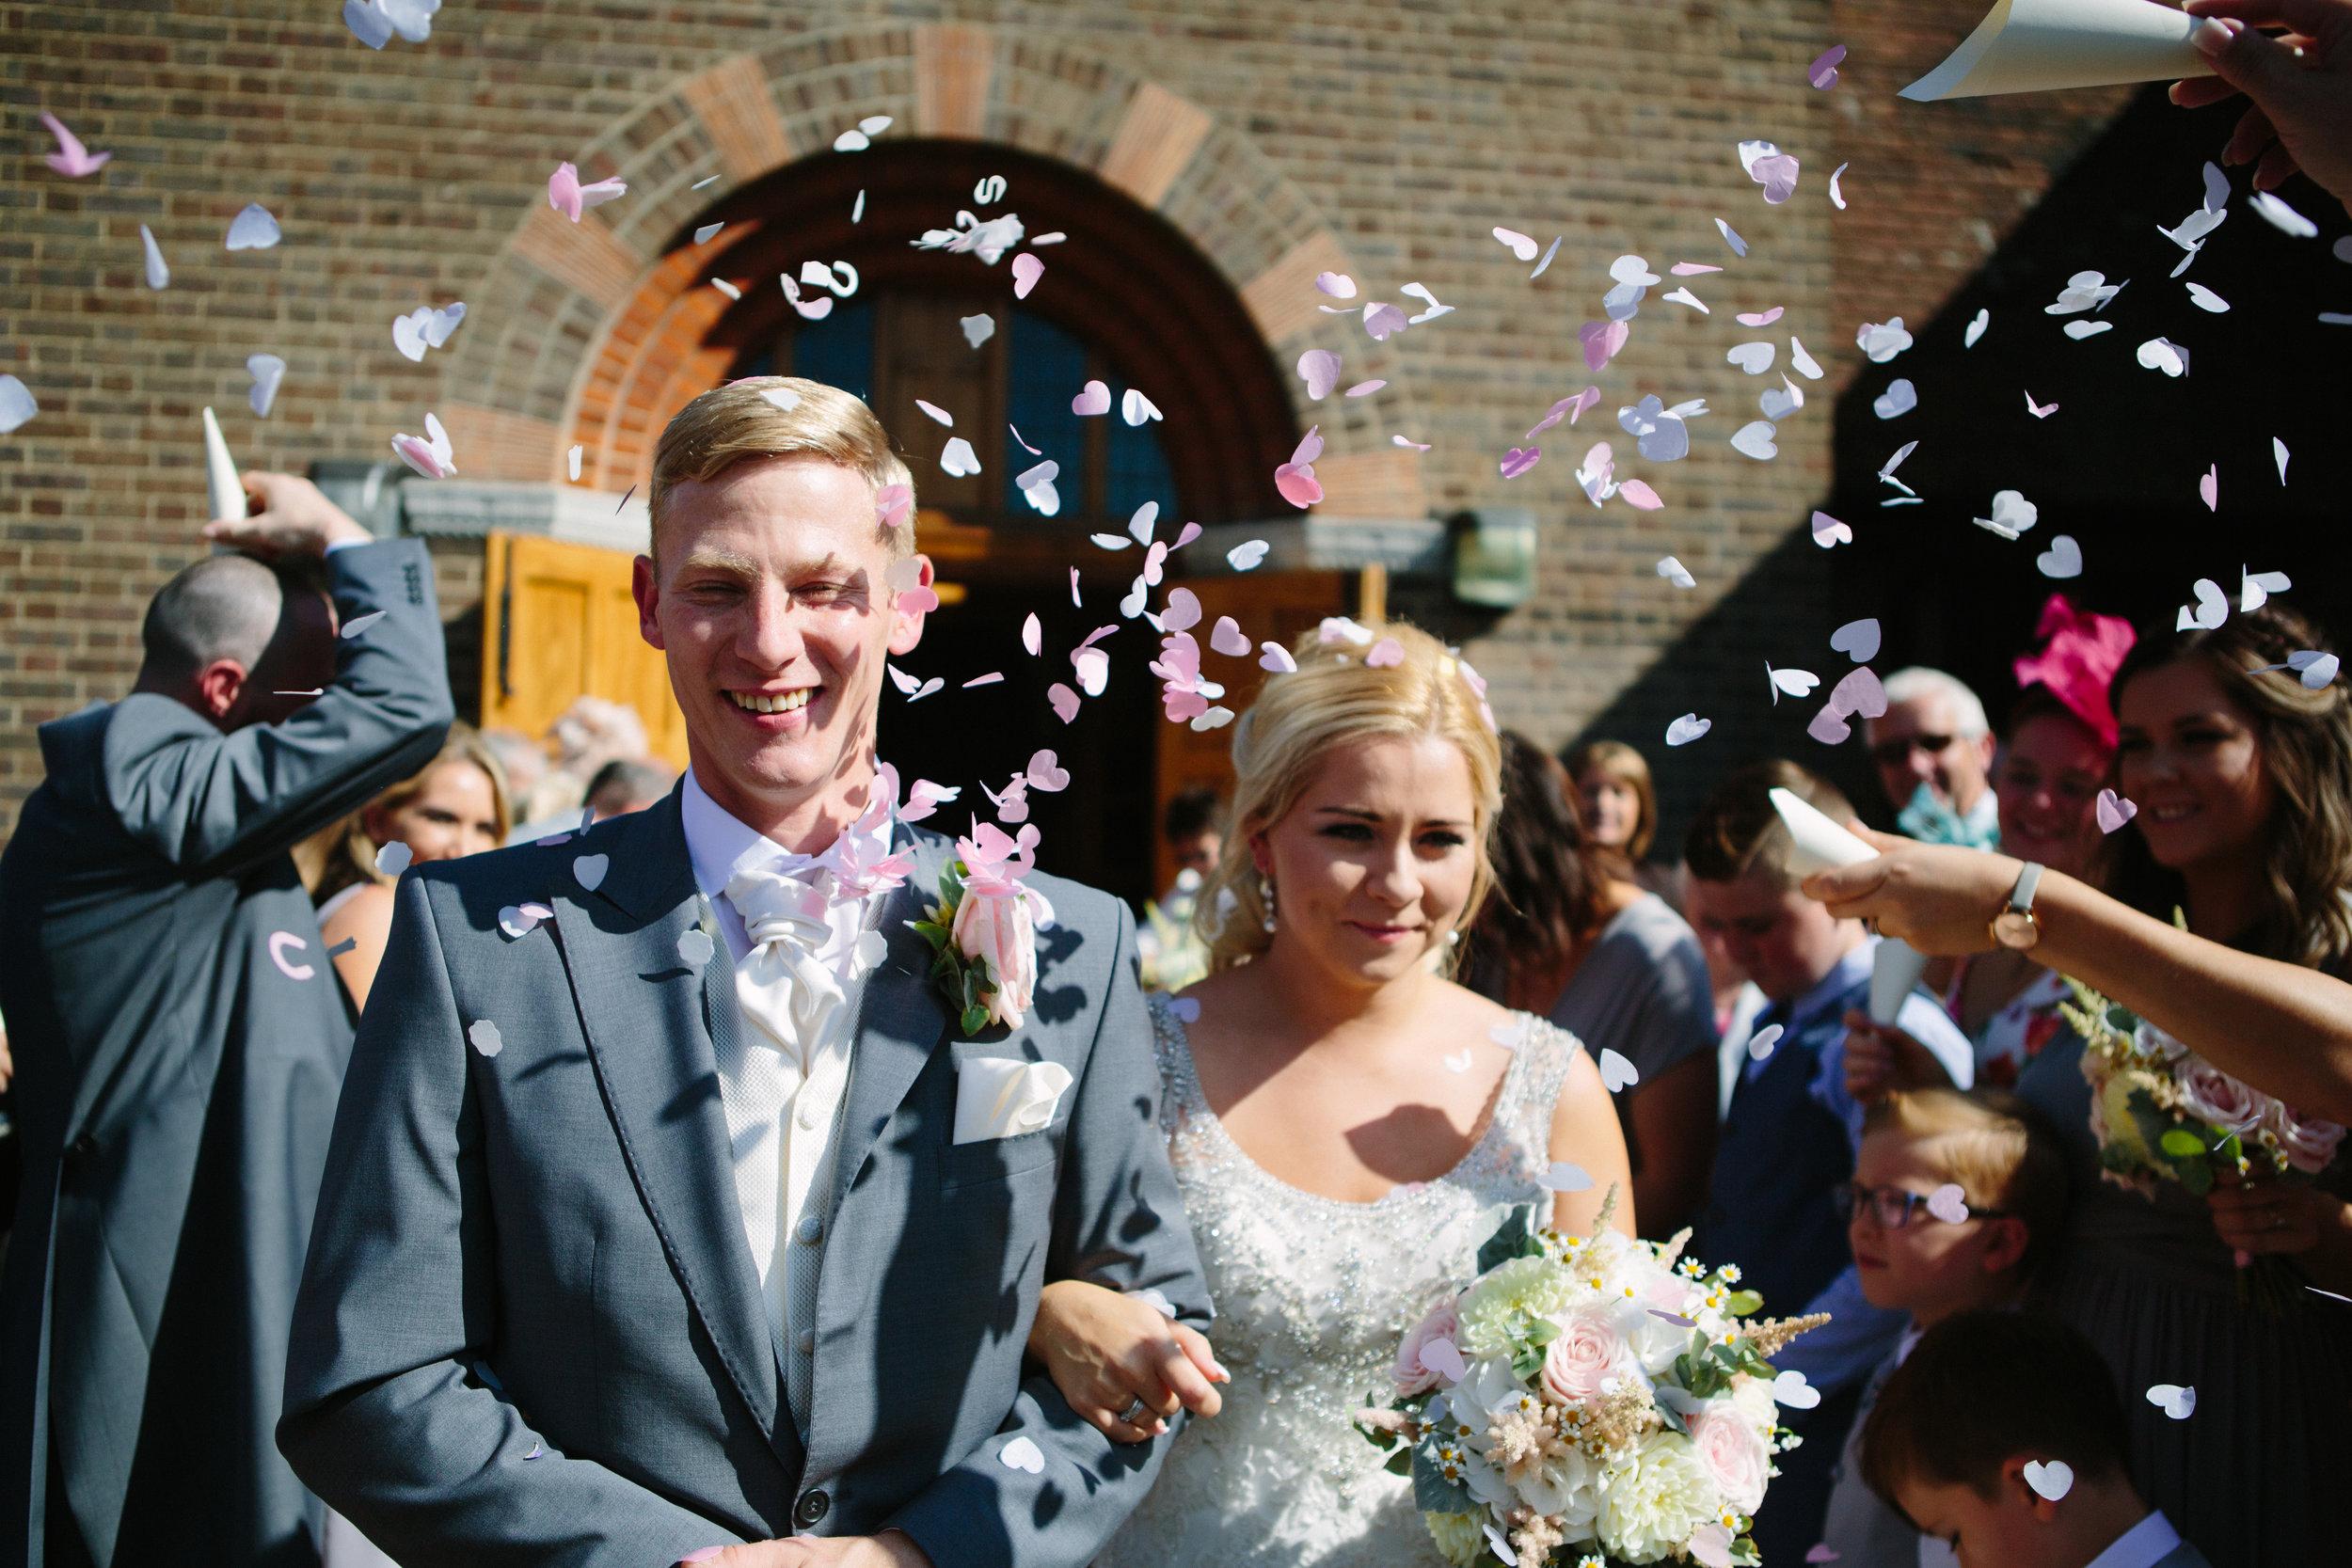 hitchin-hertfordshire-london-wedding-photography-catholic-ceremony-confetti-31